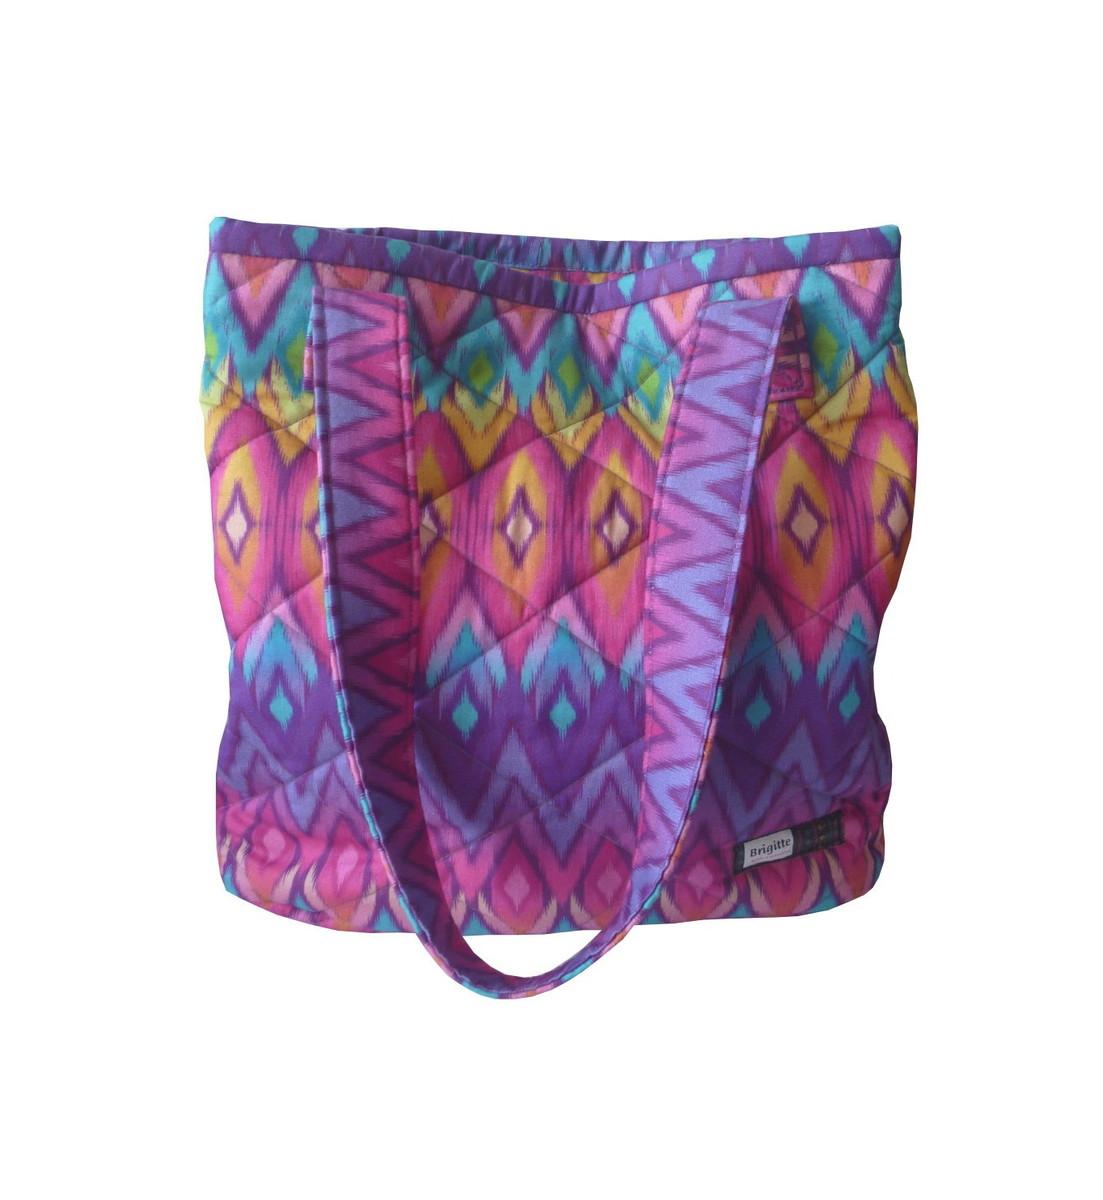 Bolsa De Tecido Hippie : Bolsa de ombro em patchwork hippie brigitte bags elo